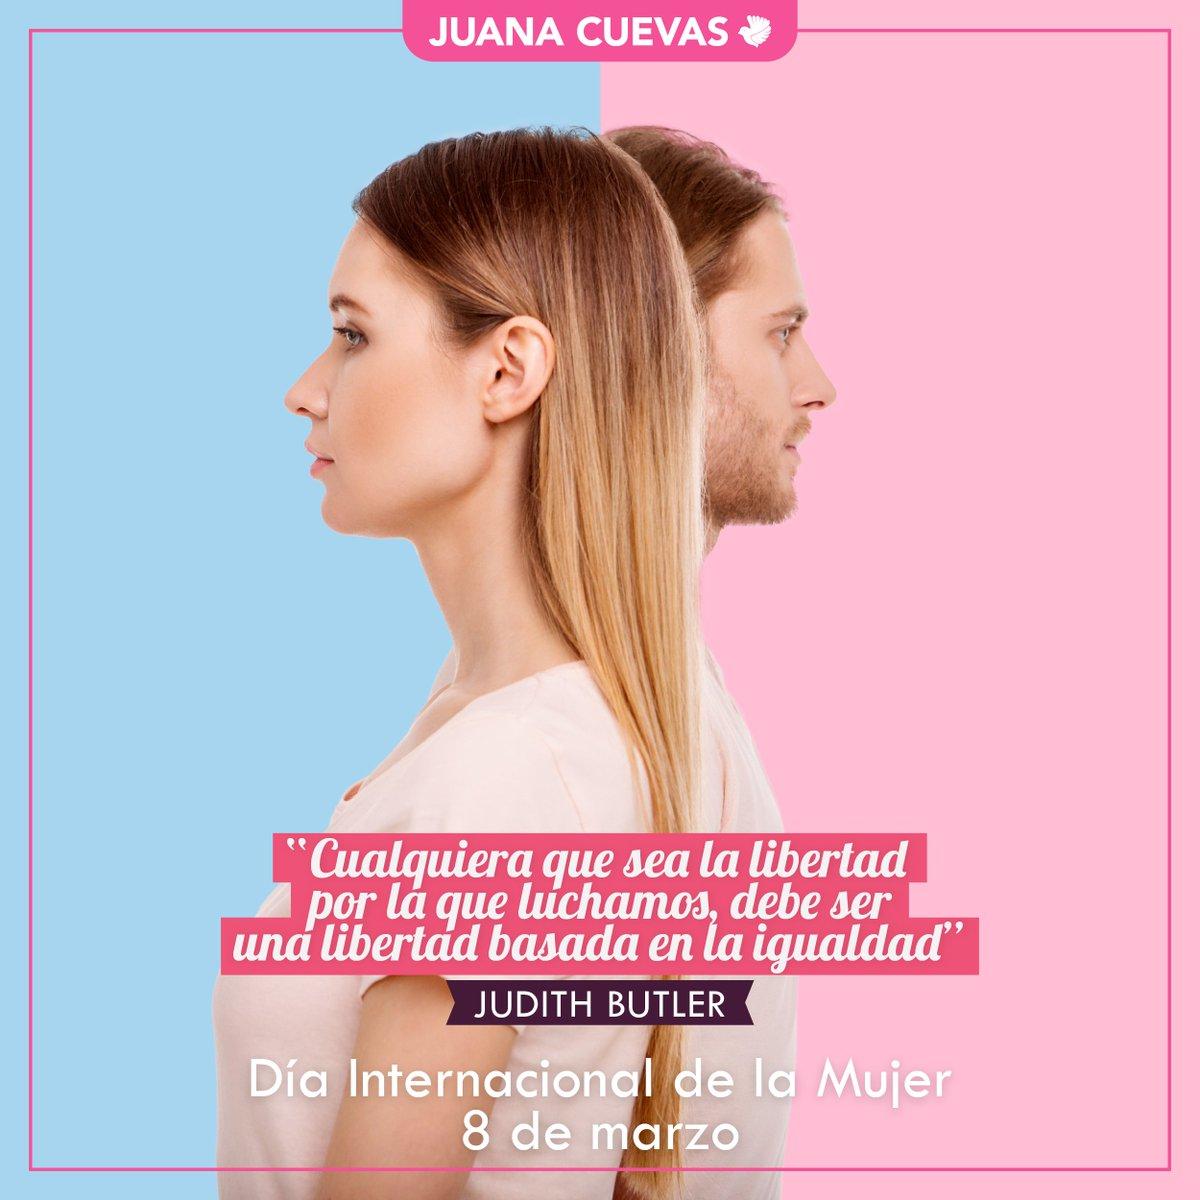 Juana Cuevas's photo on Dia Internacional